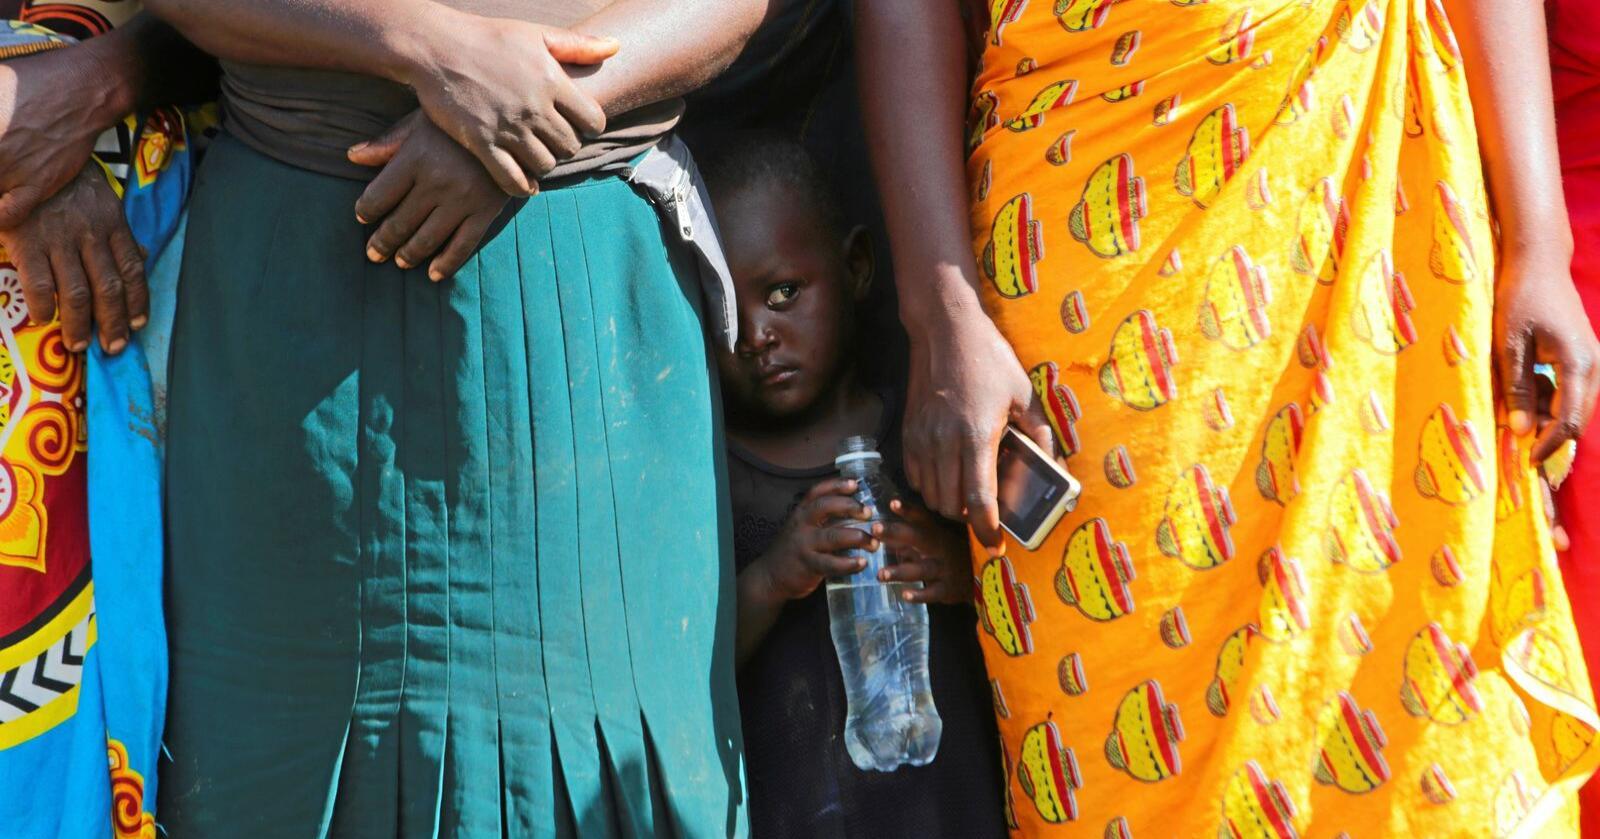 Tørke: Zimbabwe er rammet av en kraftig tørke, og ifølge FN trenger mer enn halvparten av landets innbyggere mathjelp. Her står kvinner i Mudzi i matkø. Foto: Tsvangirayi Mukwazhi / AP / NTB scanpix